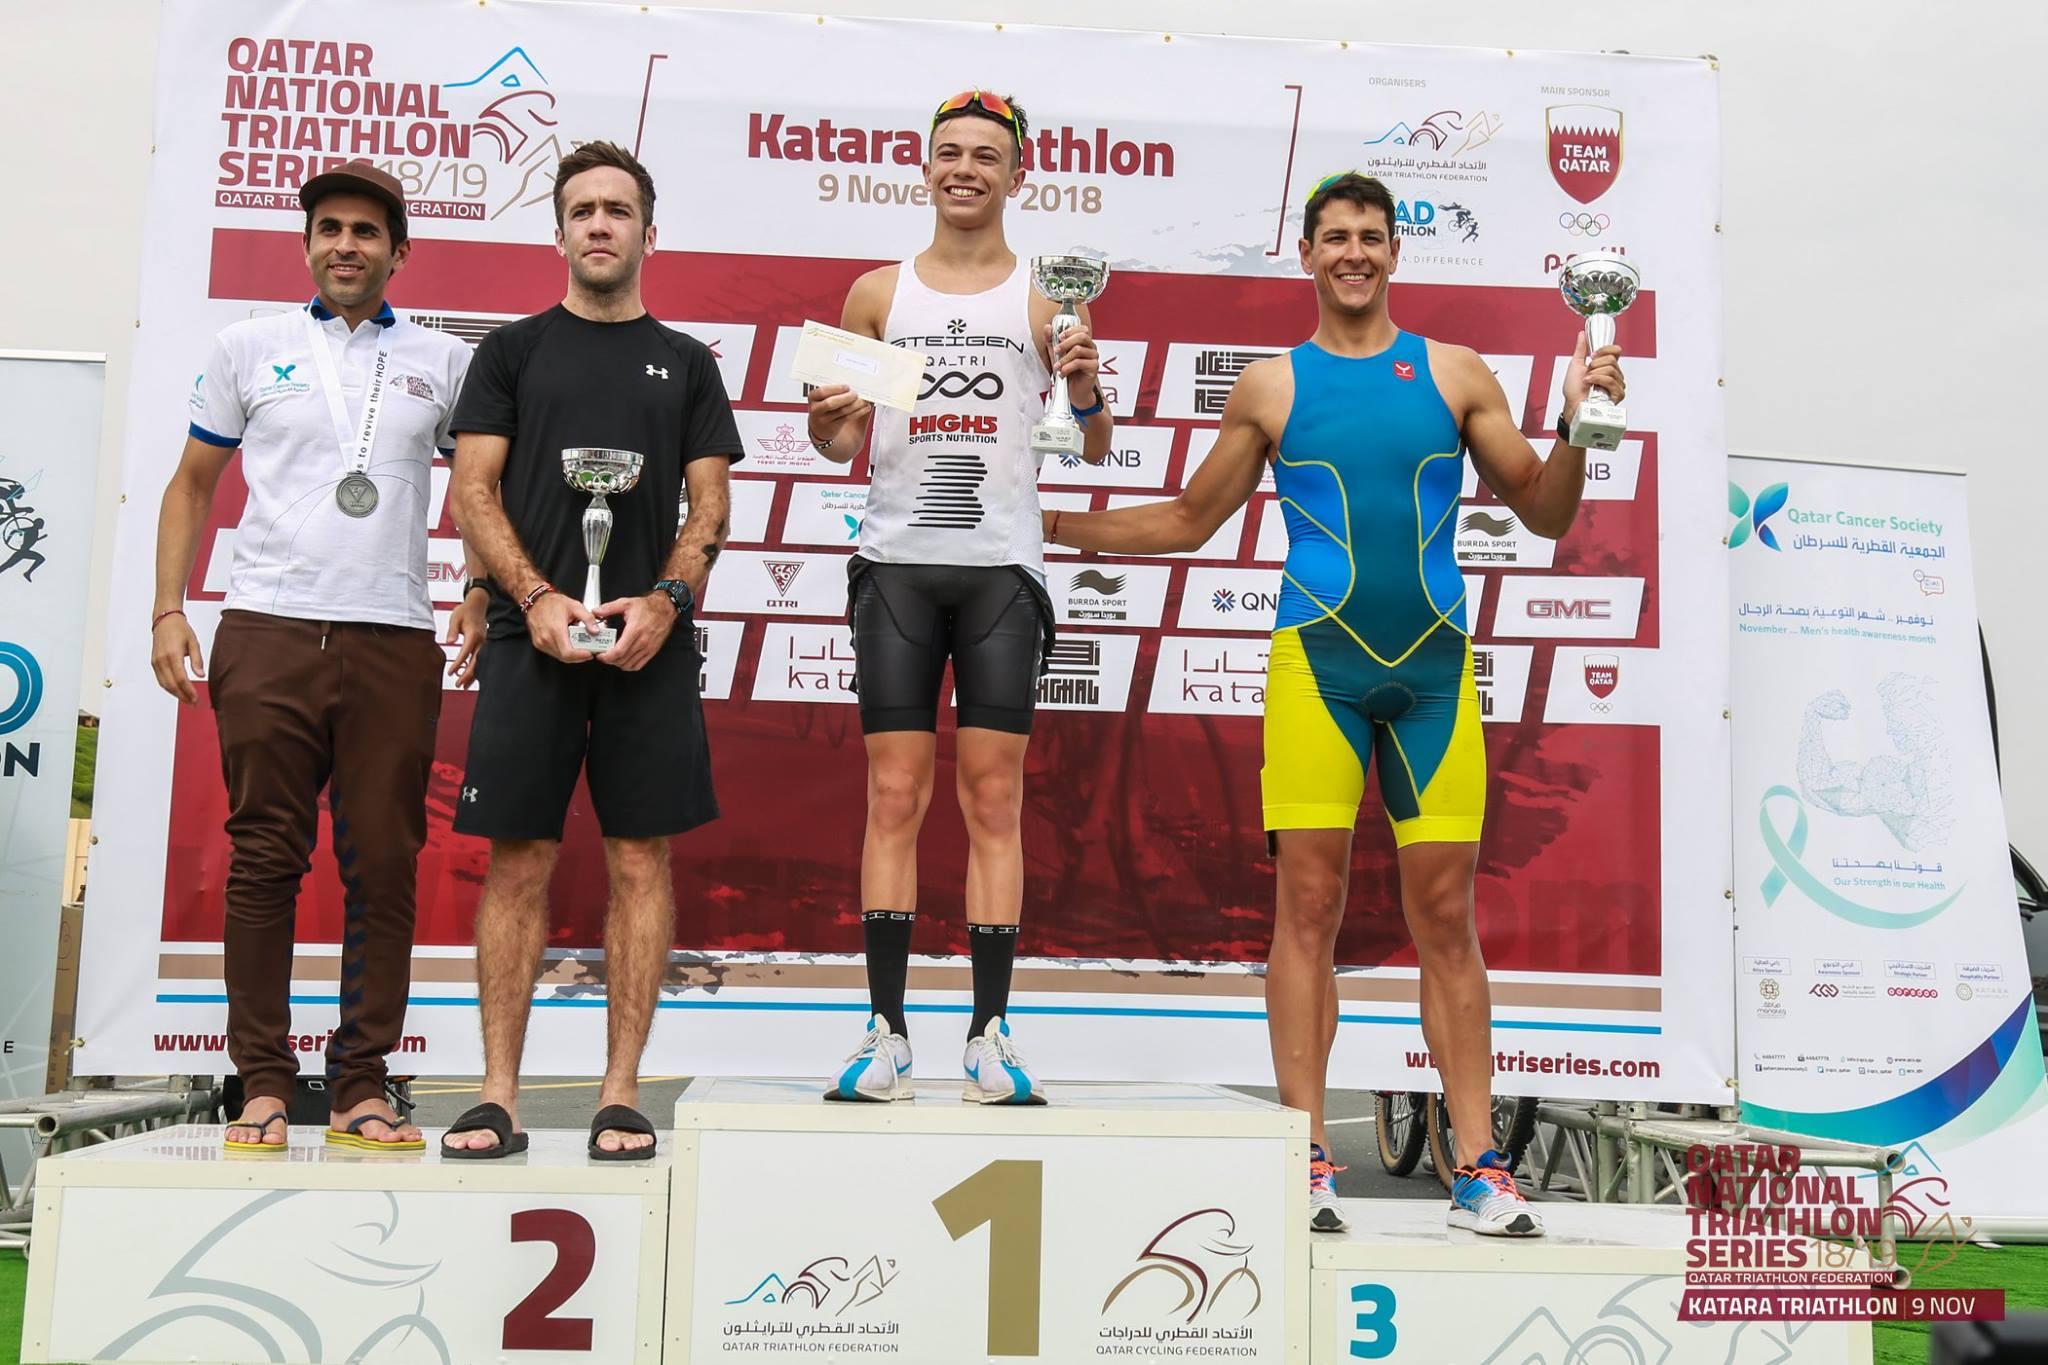 Ethan Bennett conquers inaugural Katara Triathlon